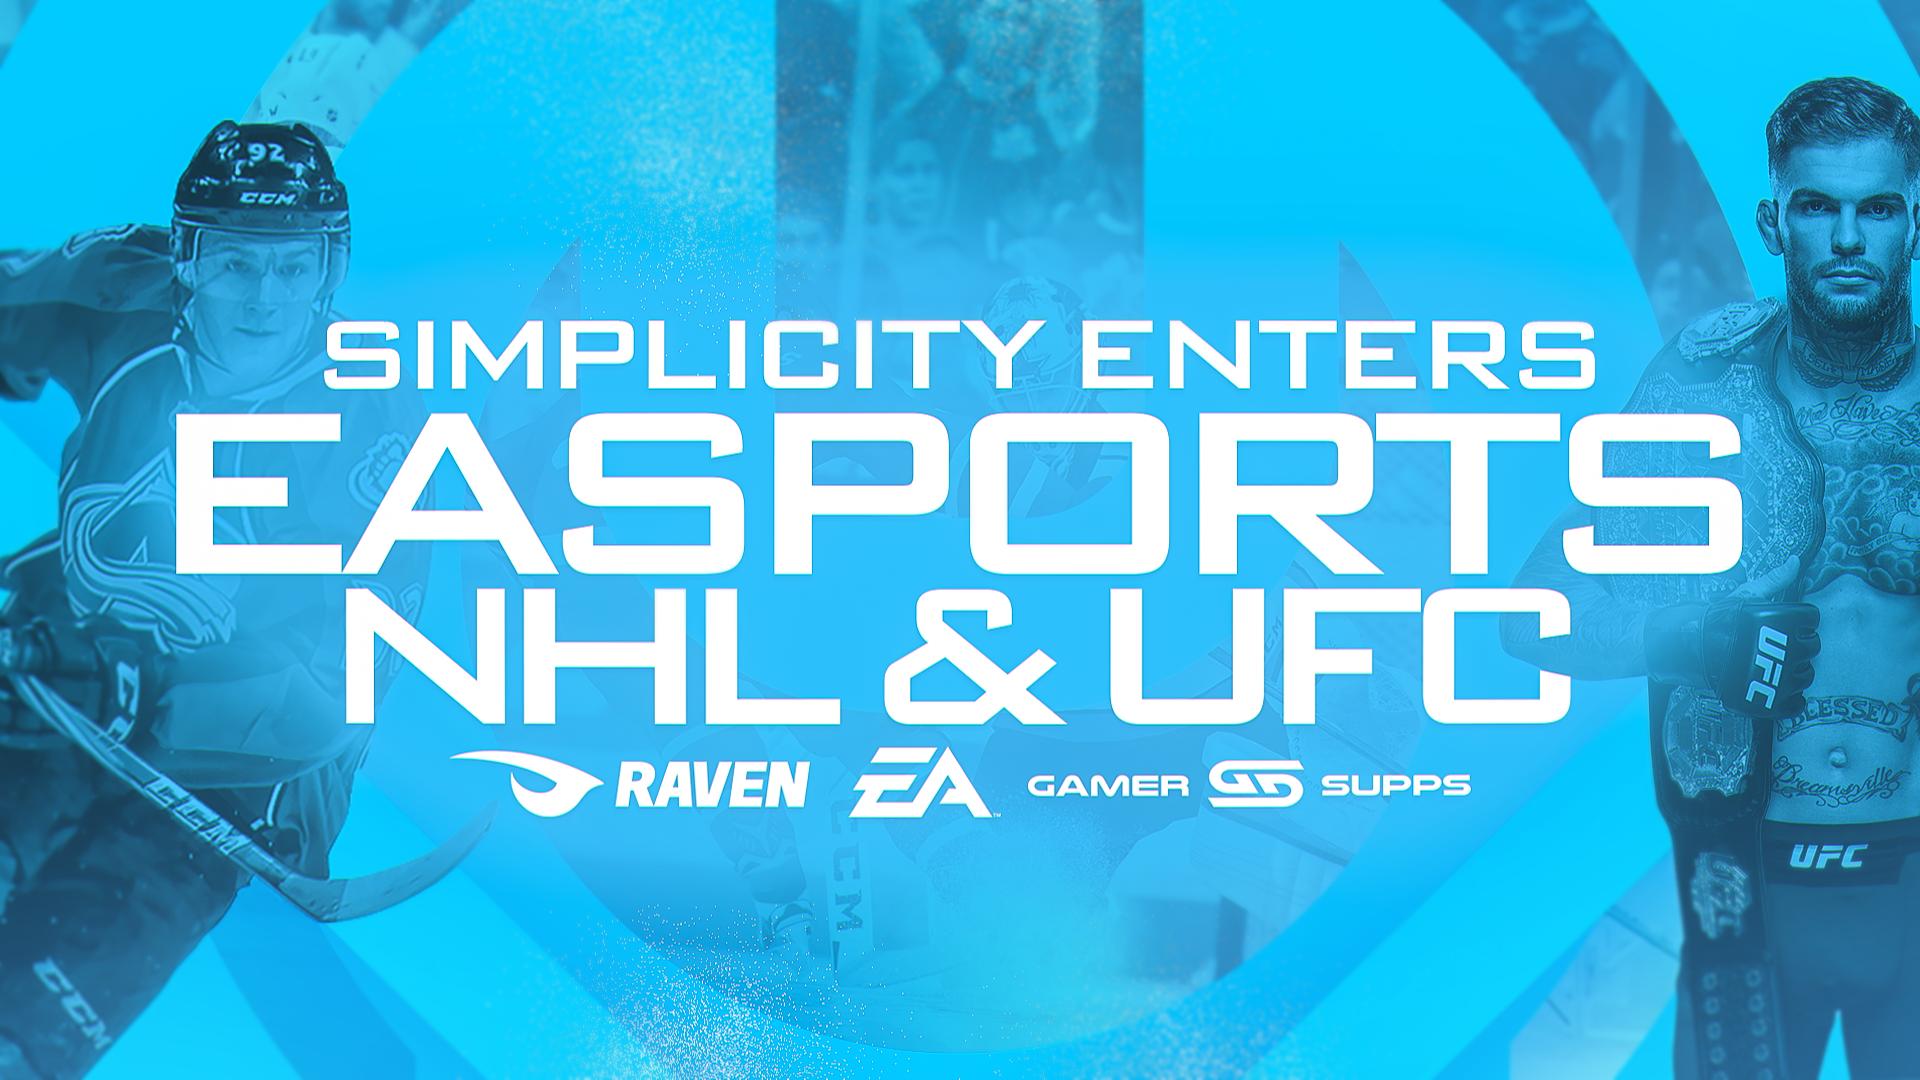 Simplicity-NHL-UFC-IMAGE.png